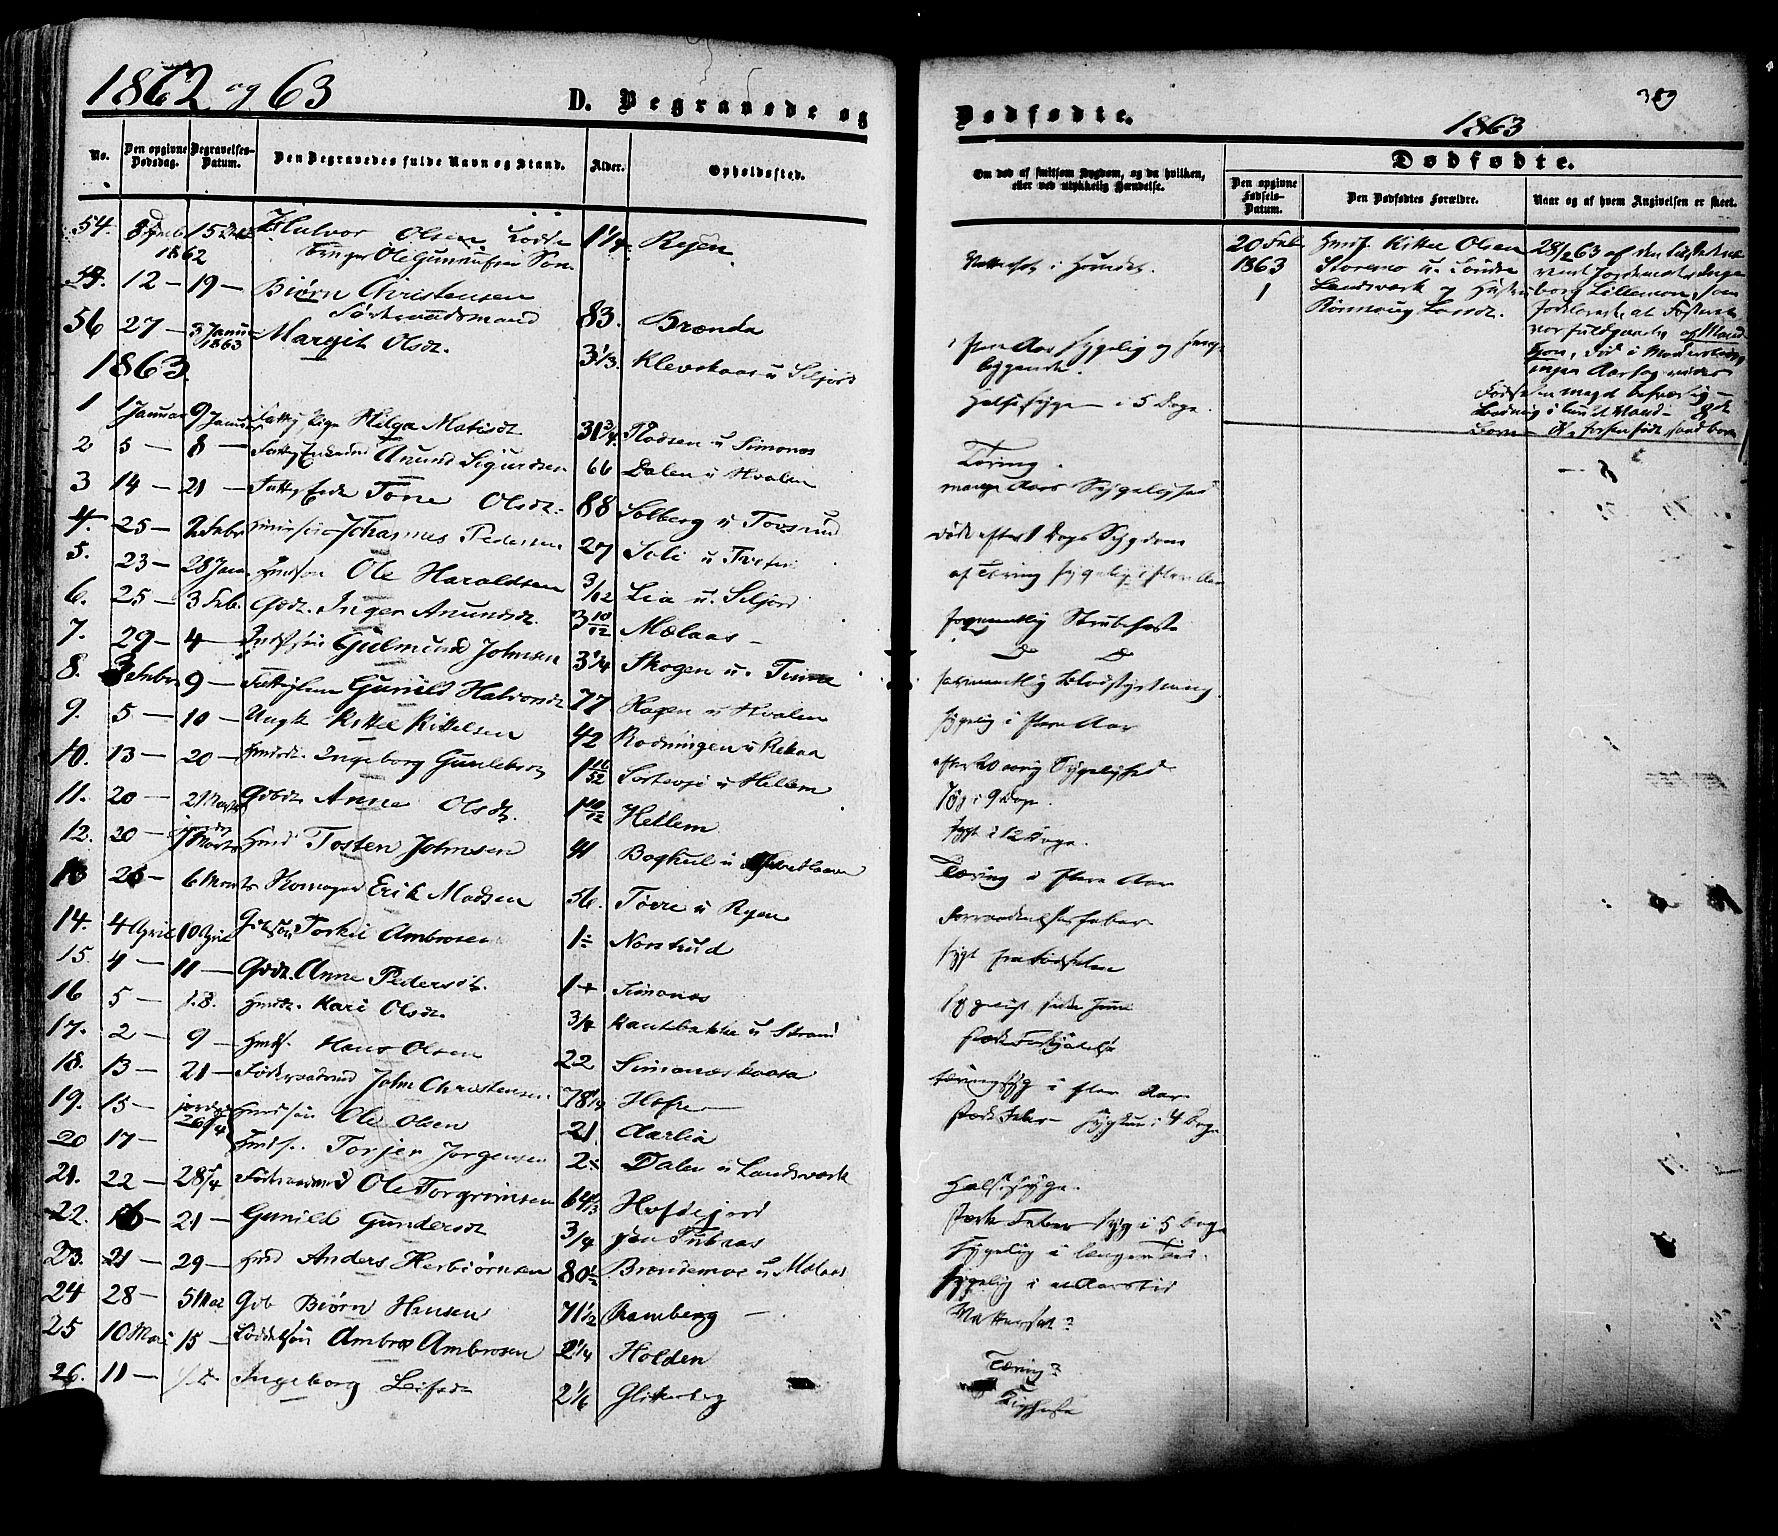 SAKO, Heddal kirkebøker, F/Fa/L0007: Ministerialbok nr. I 7, 1855-1877, s. 389